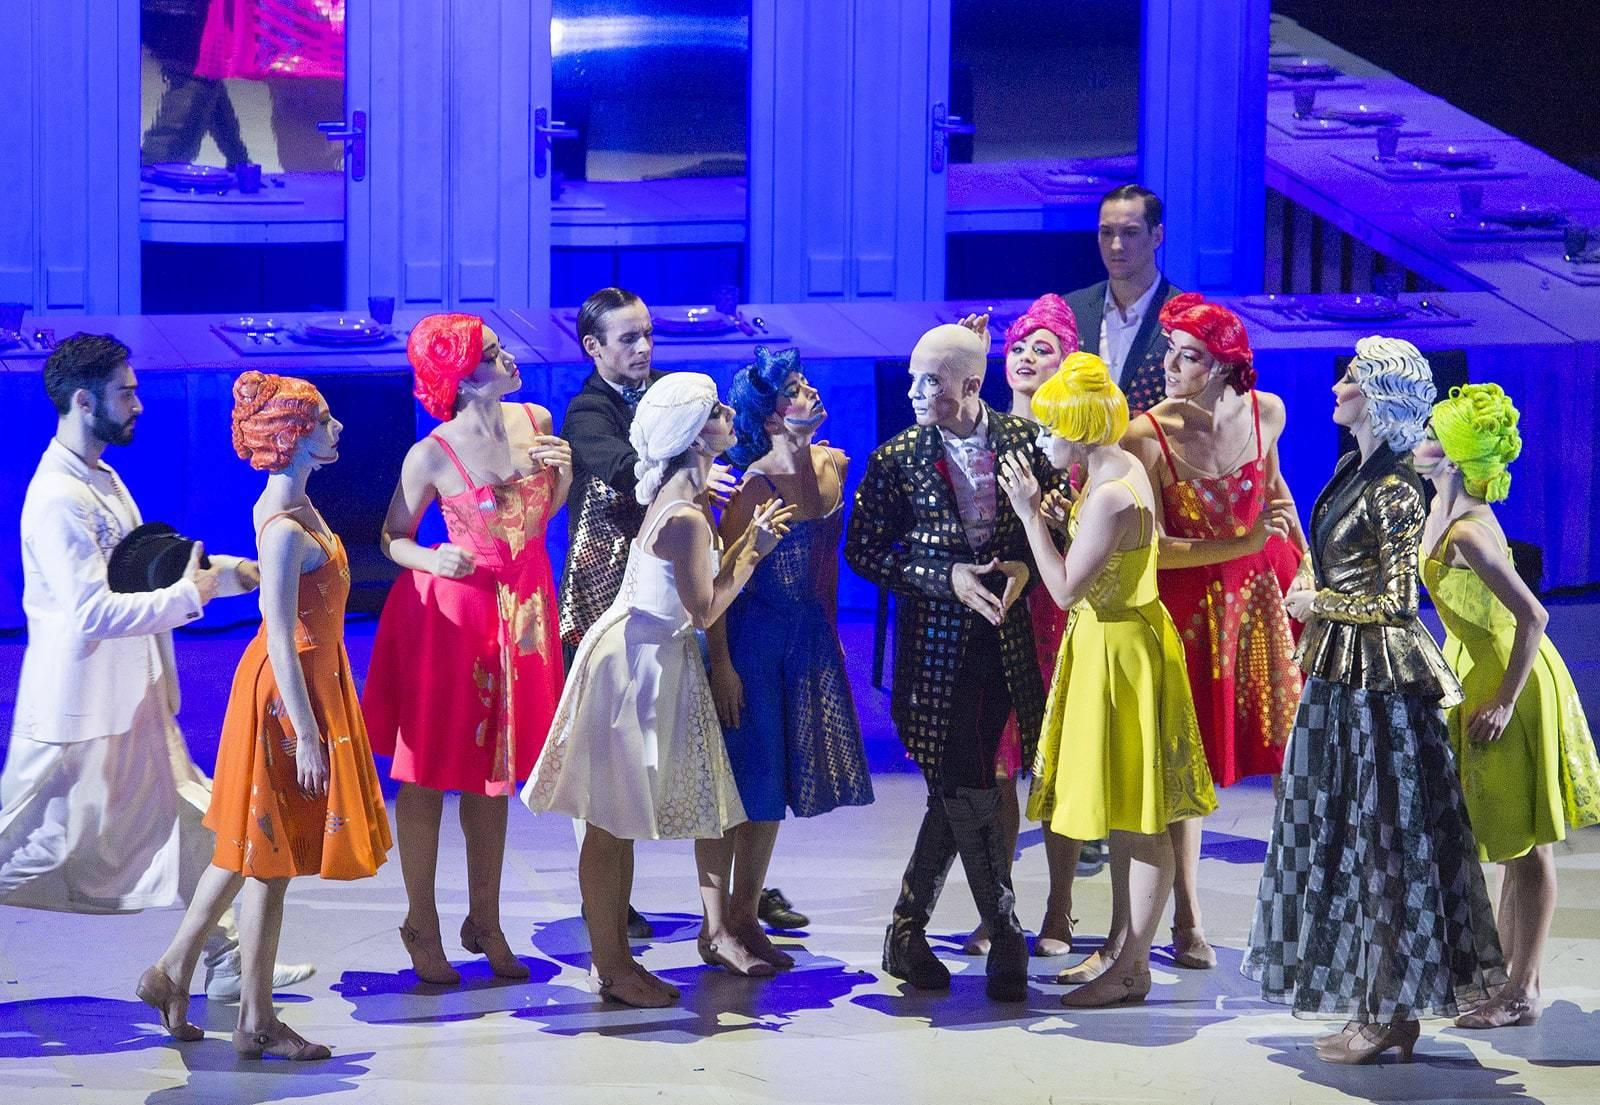 ballets et opéras: casse-noisette 9